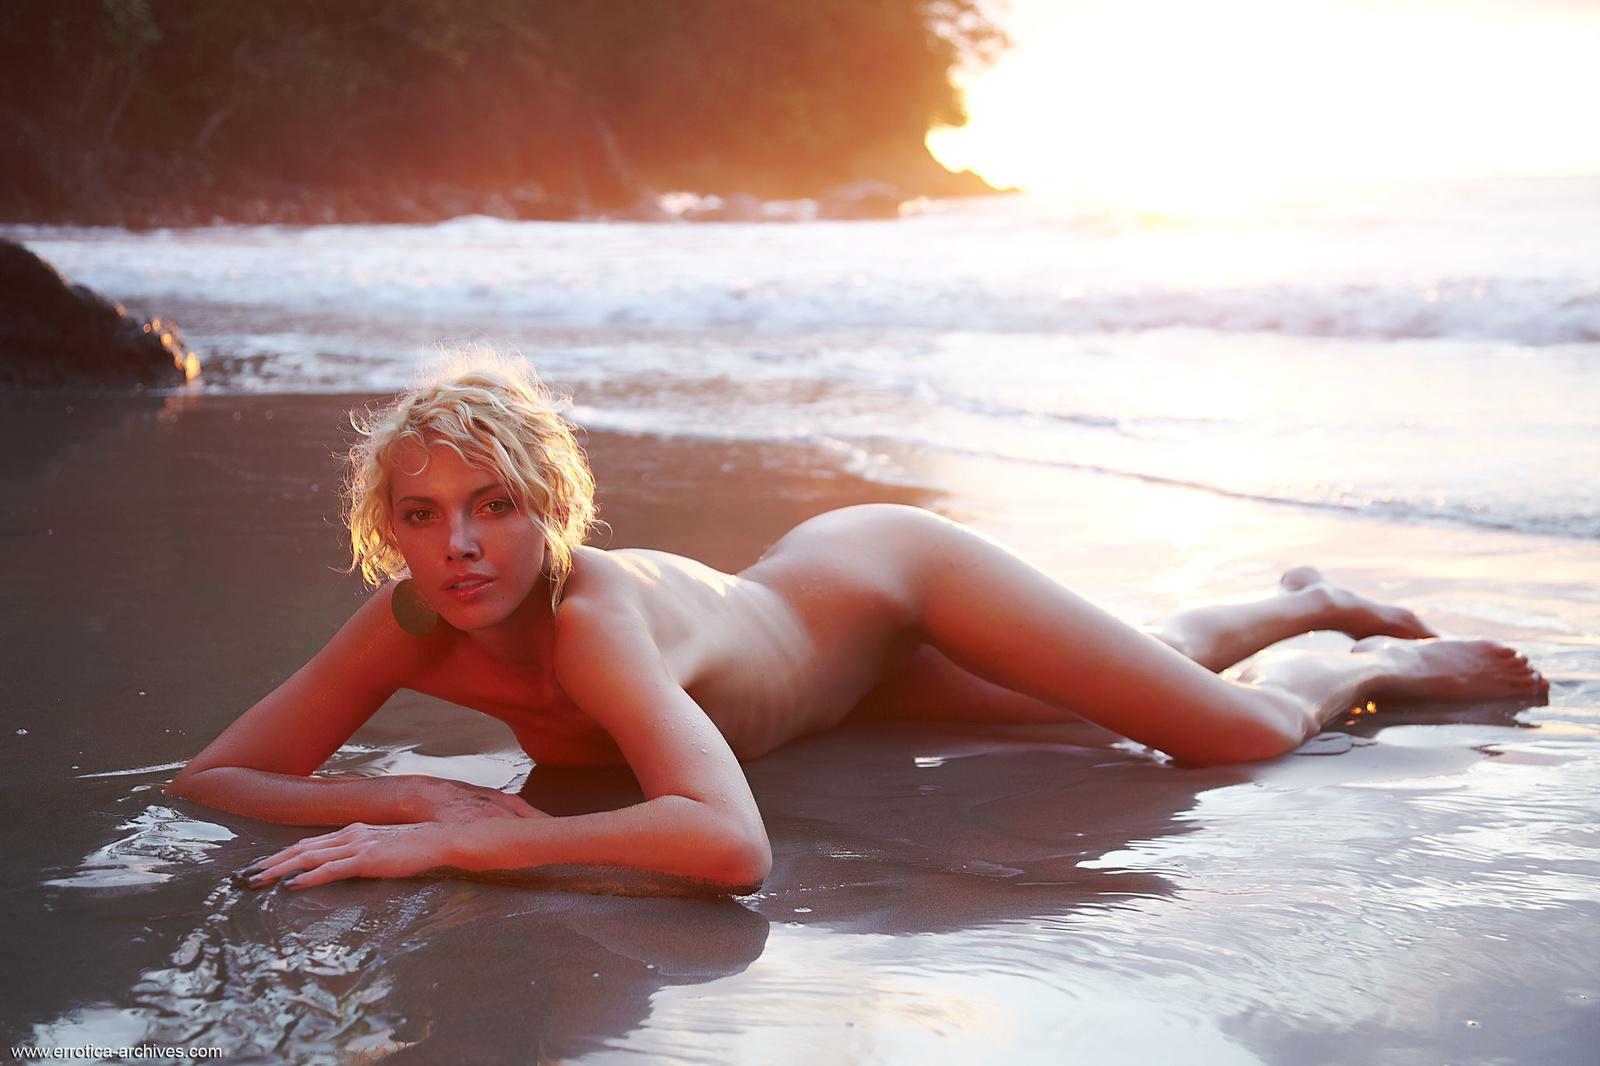 Zdjęcie porno - 0519 - Babeczka na plaży